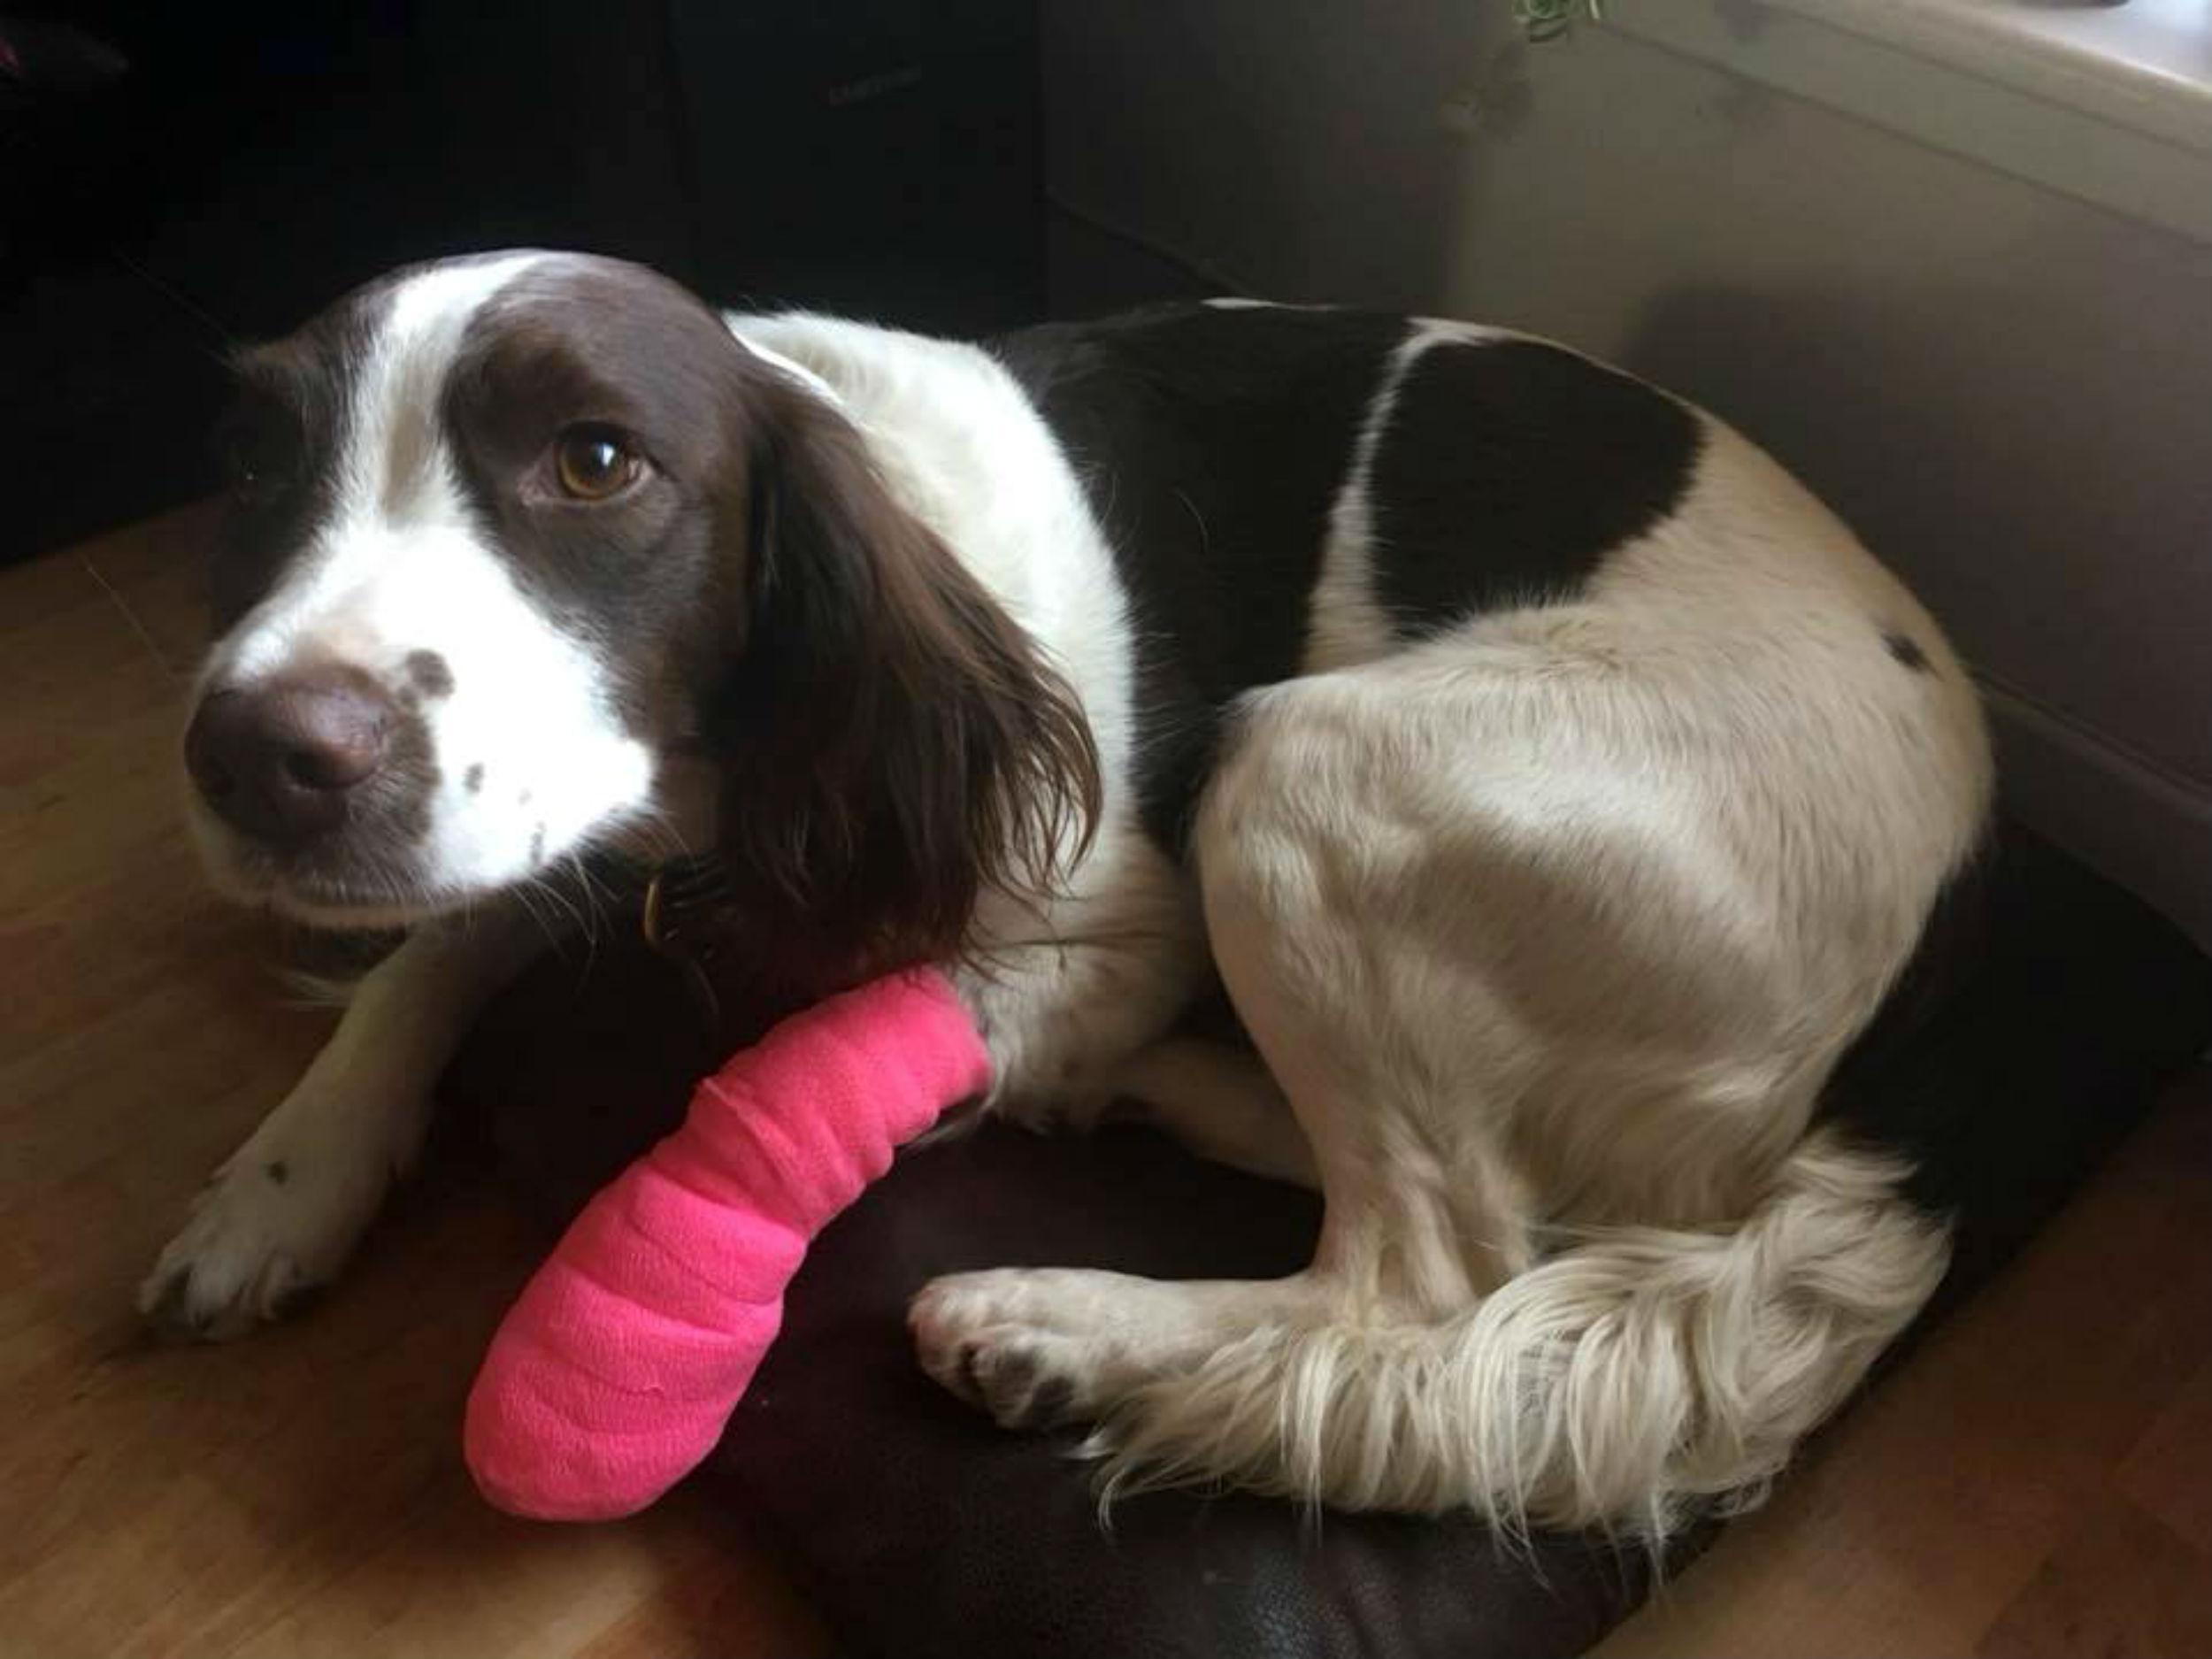 Stoned spaniel in bandage - Scottish News